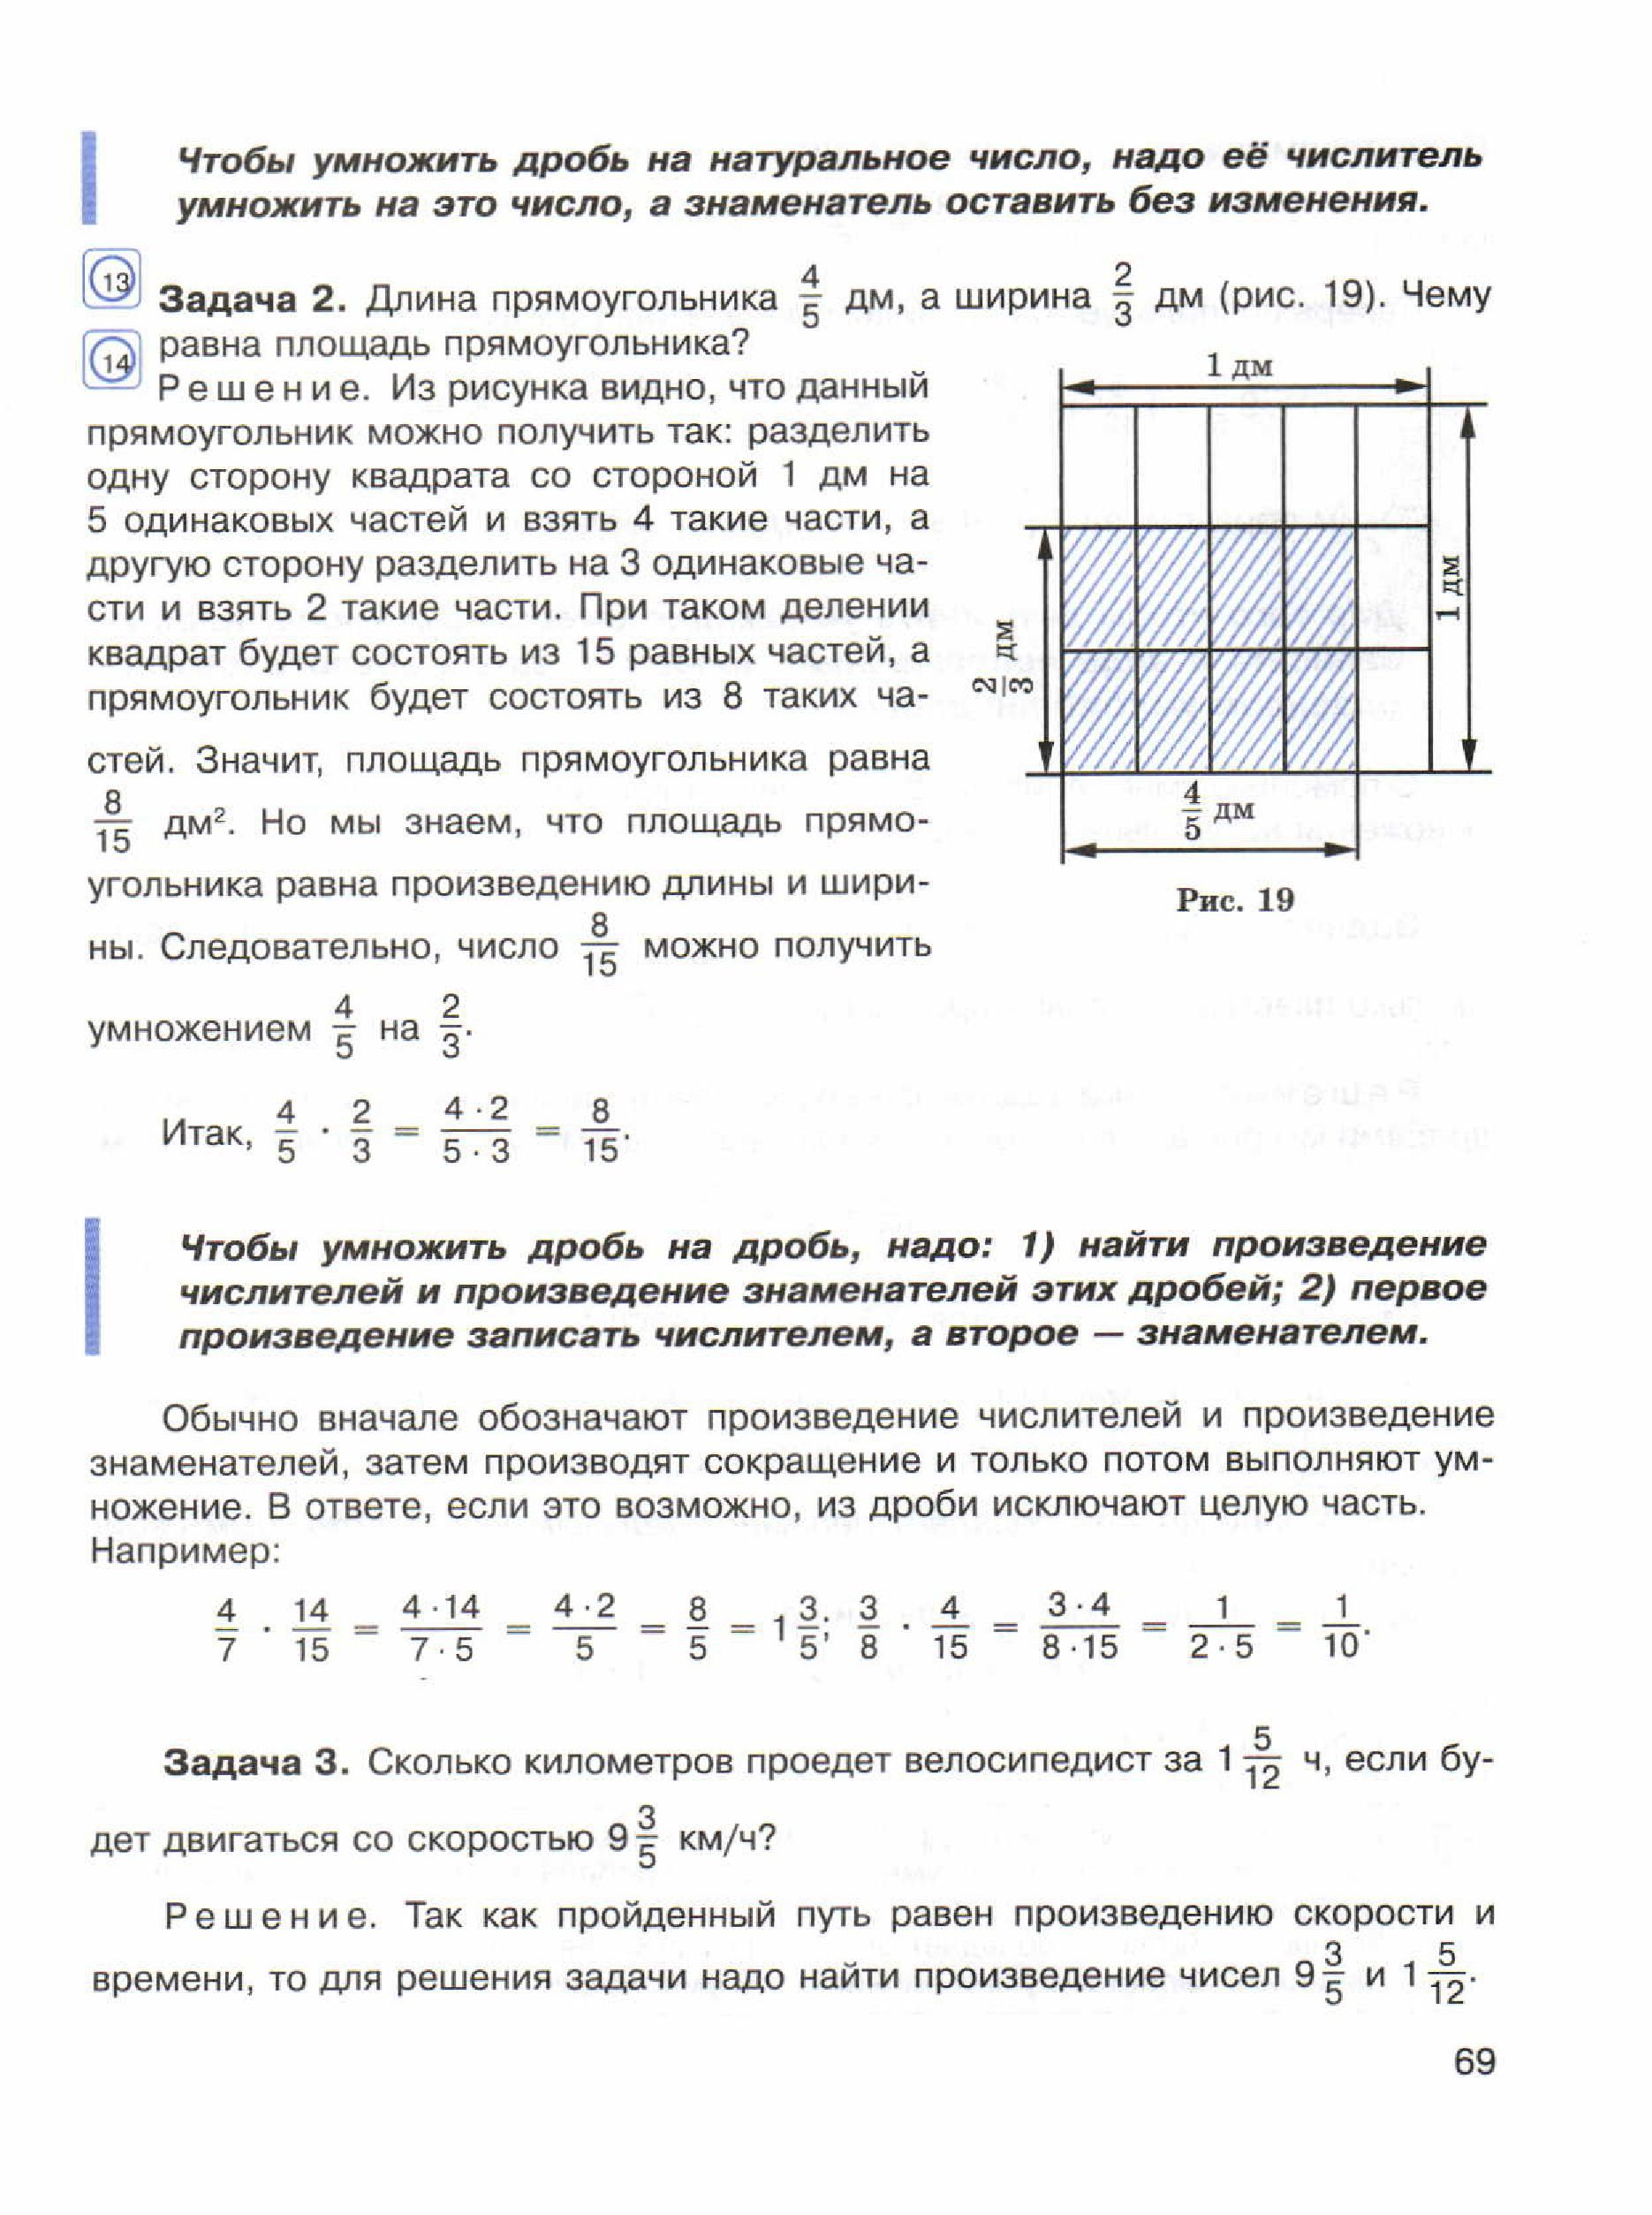 Решебник по русскому 2 класс байкова малаховская еримеева